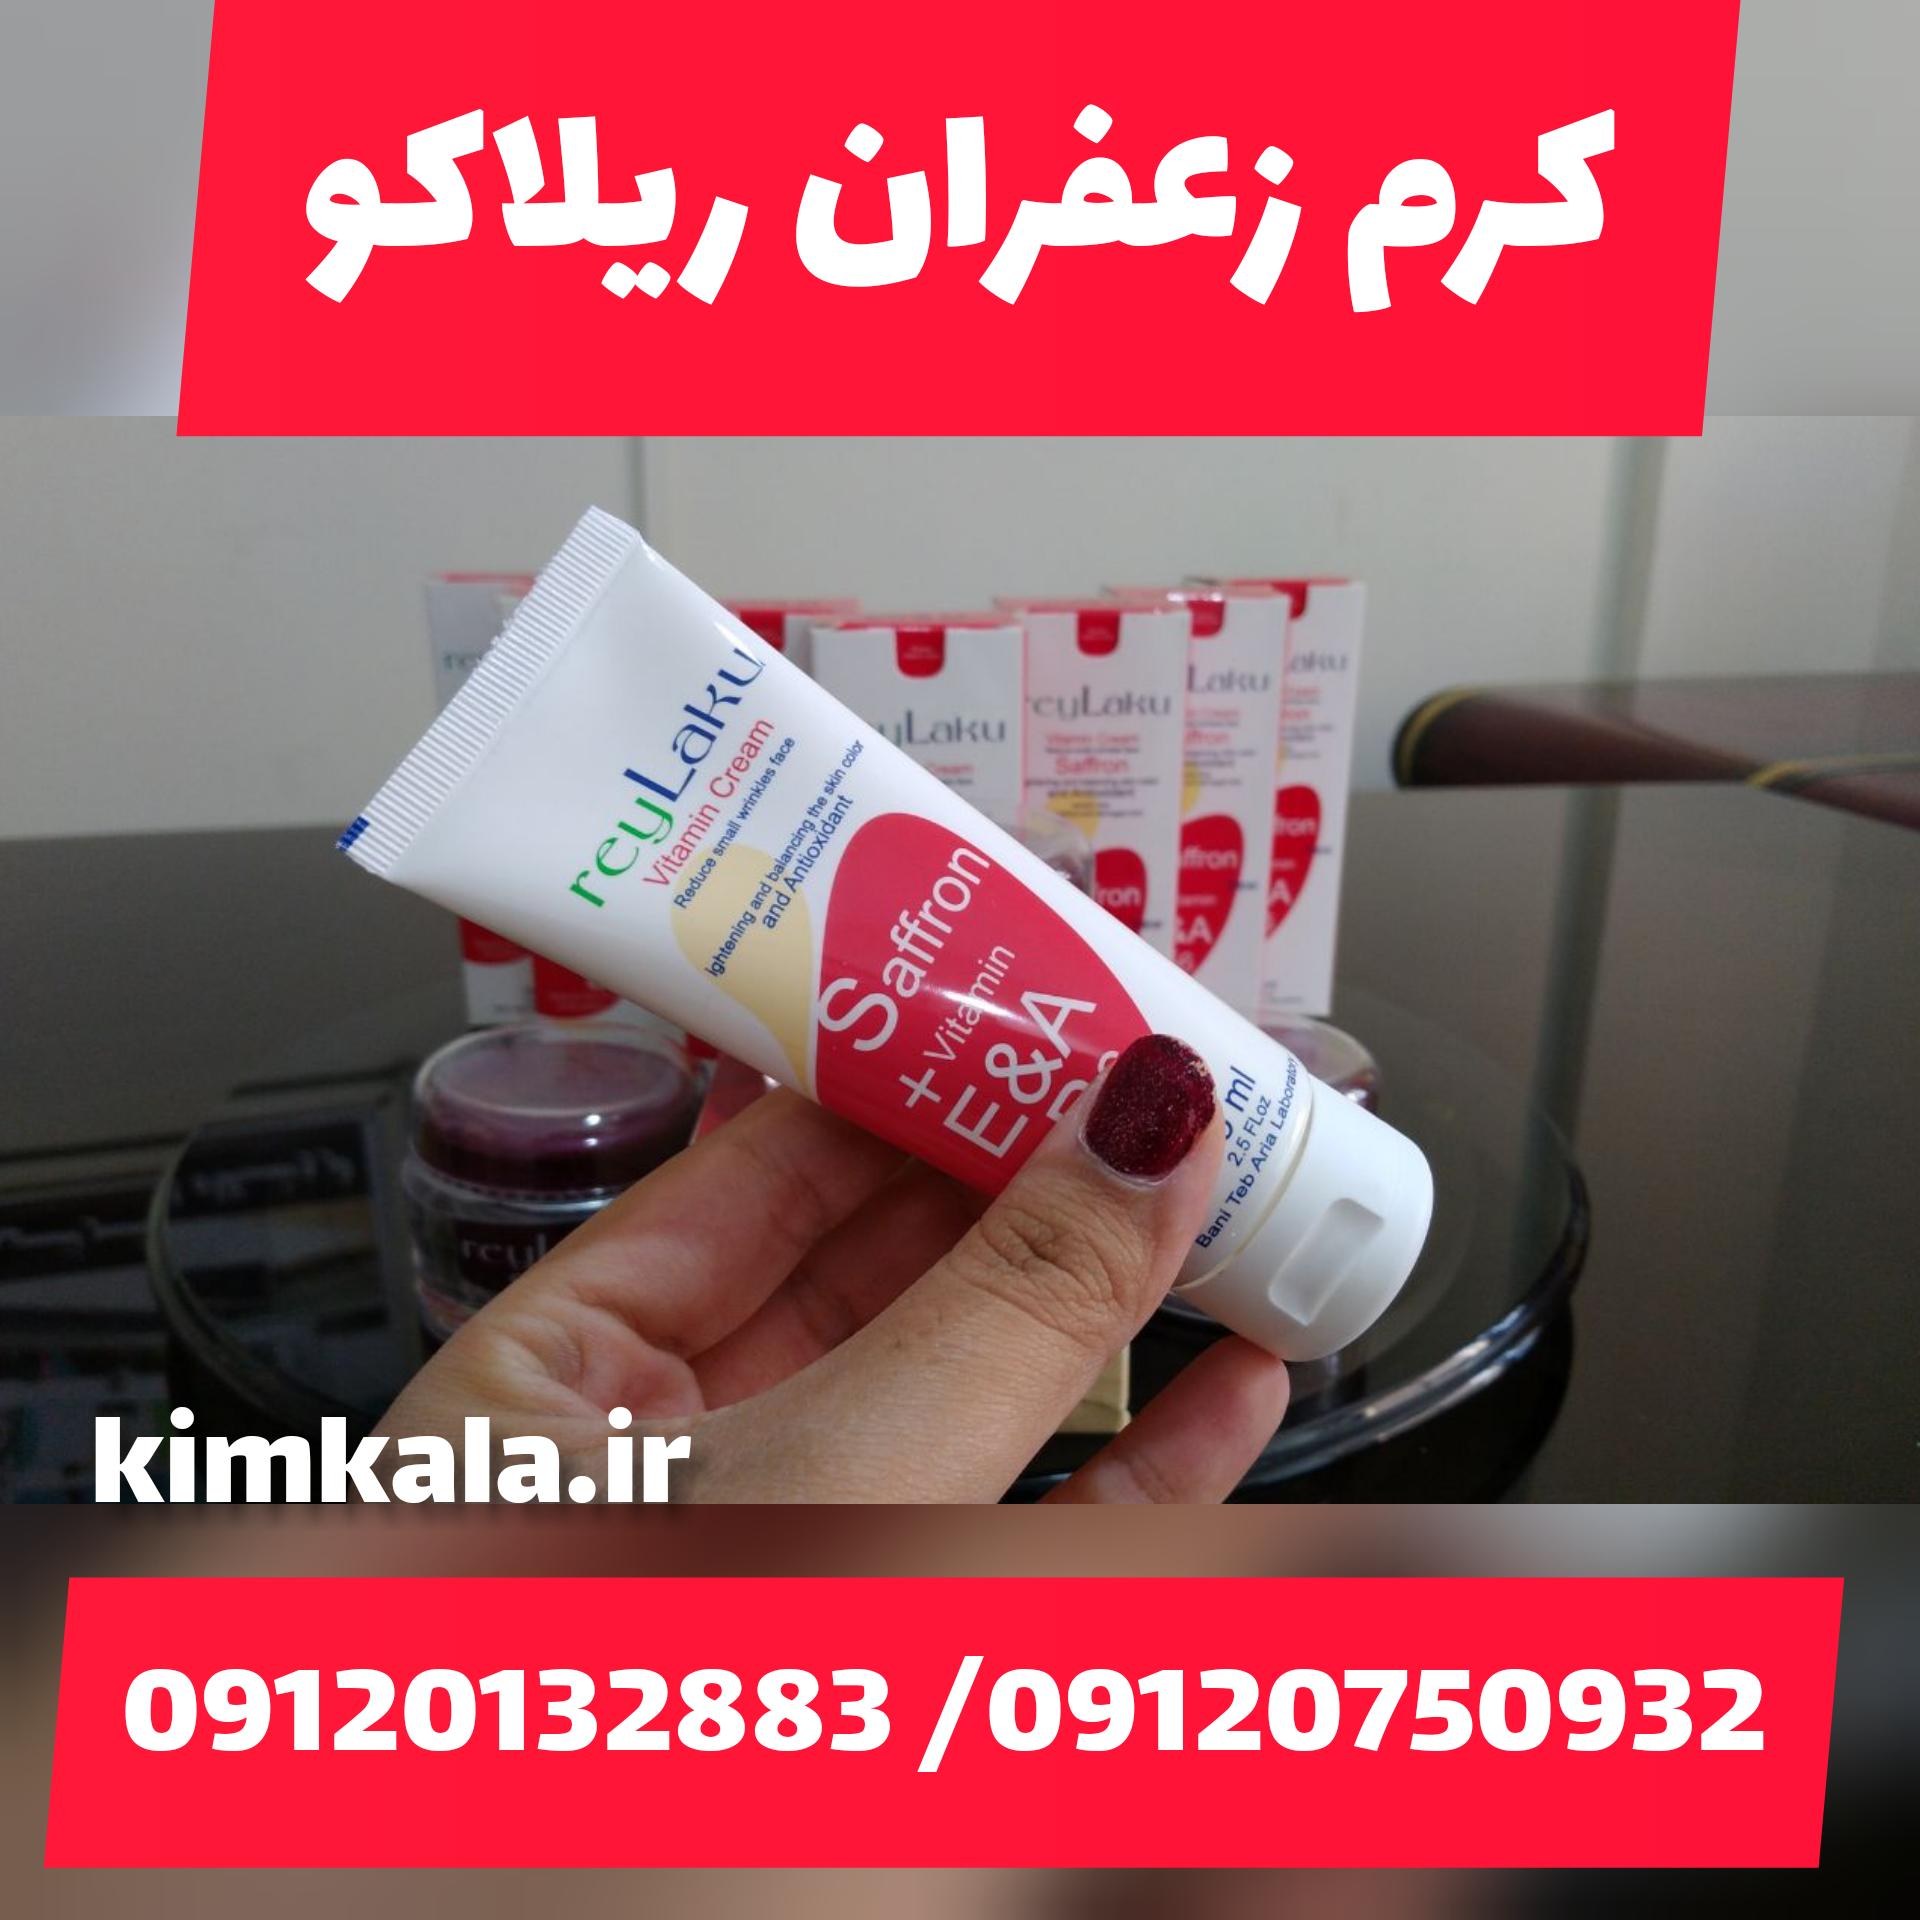 قیمت کرم زعفران ریلاکو/09120132883/کرم زعفران اصل